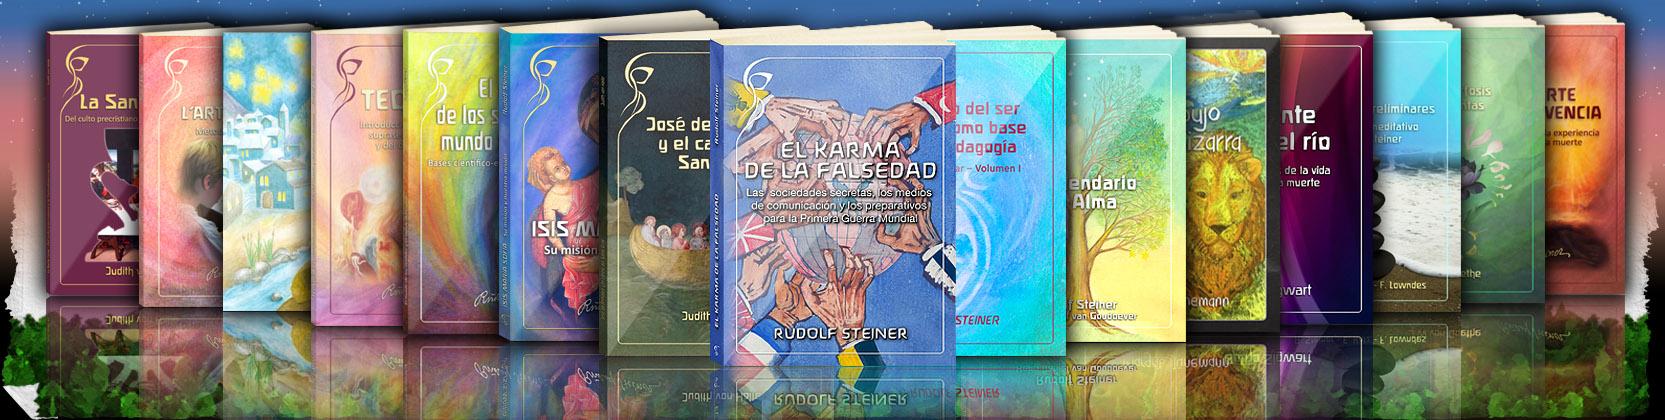 Editorial Pau de Damasc. Publicaciones de Antroposofía